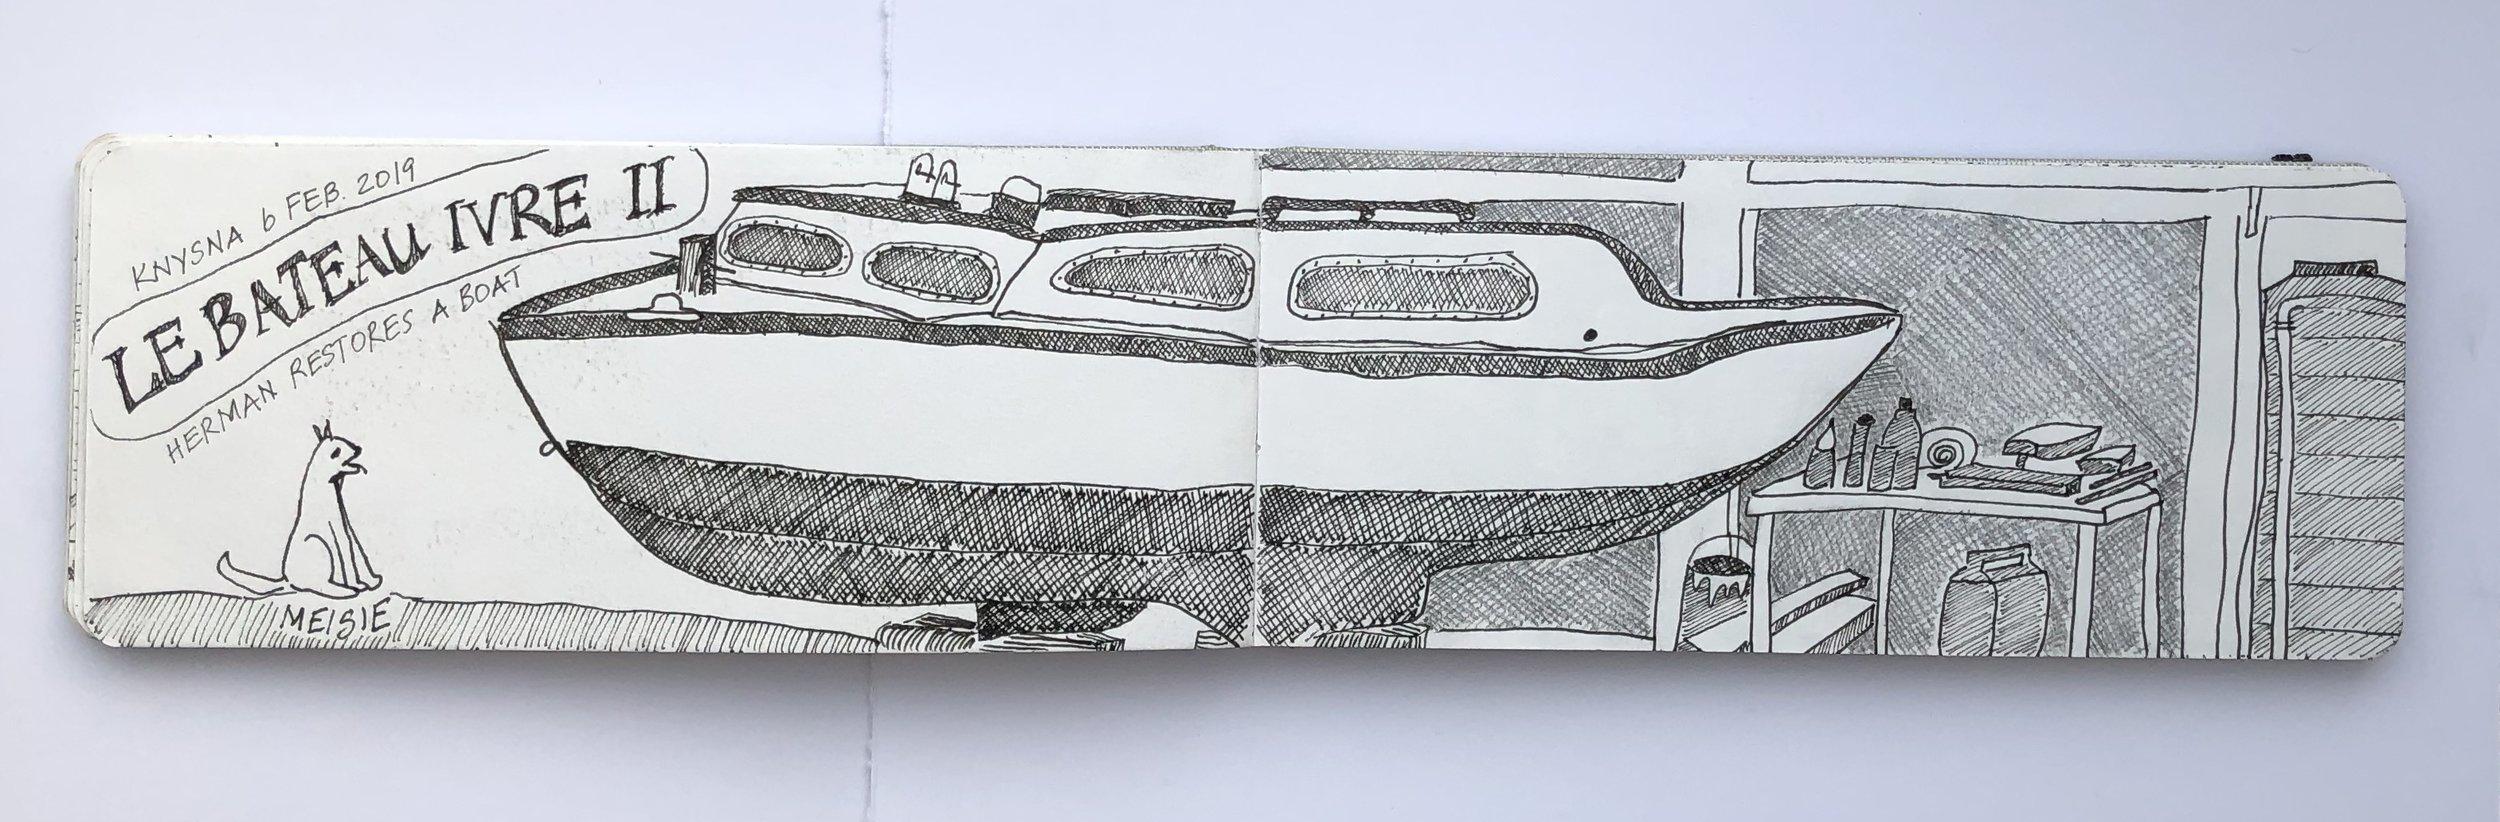 Le Bateau Ivre II